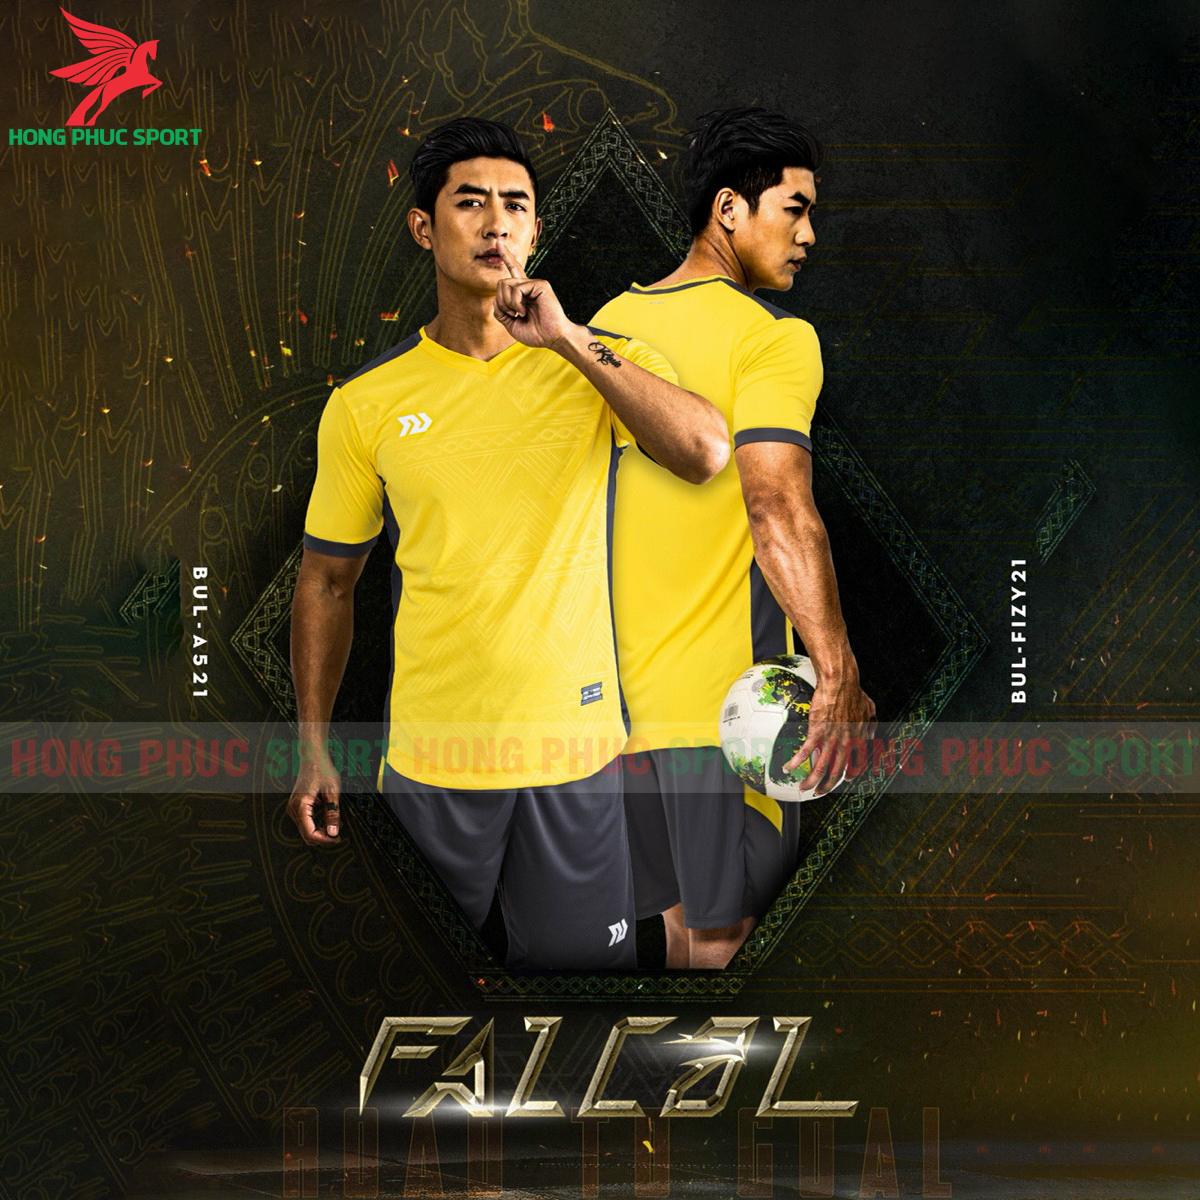 Áo đá banh không logo Bulbal Falcol 2021 màu vàng (2)